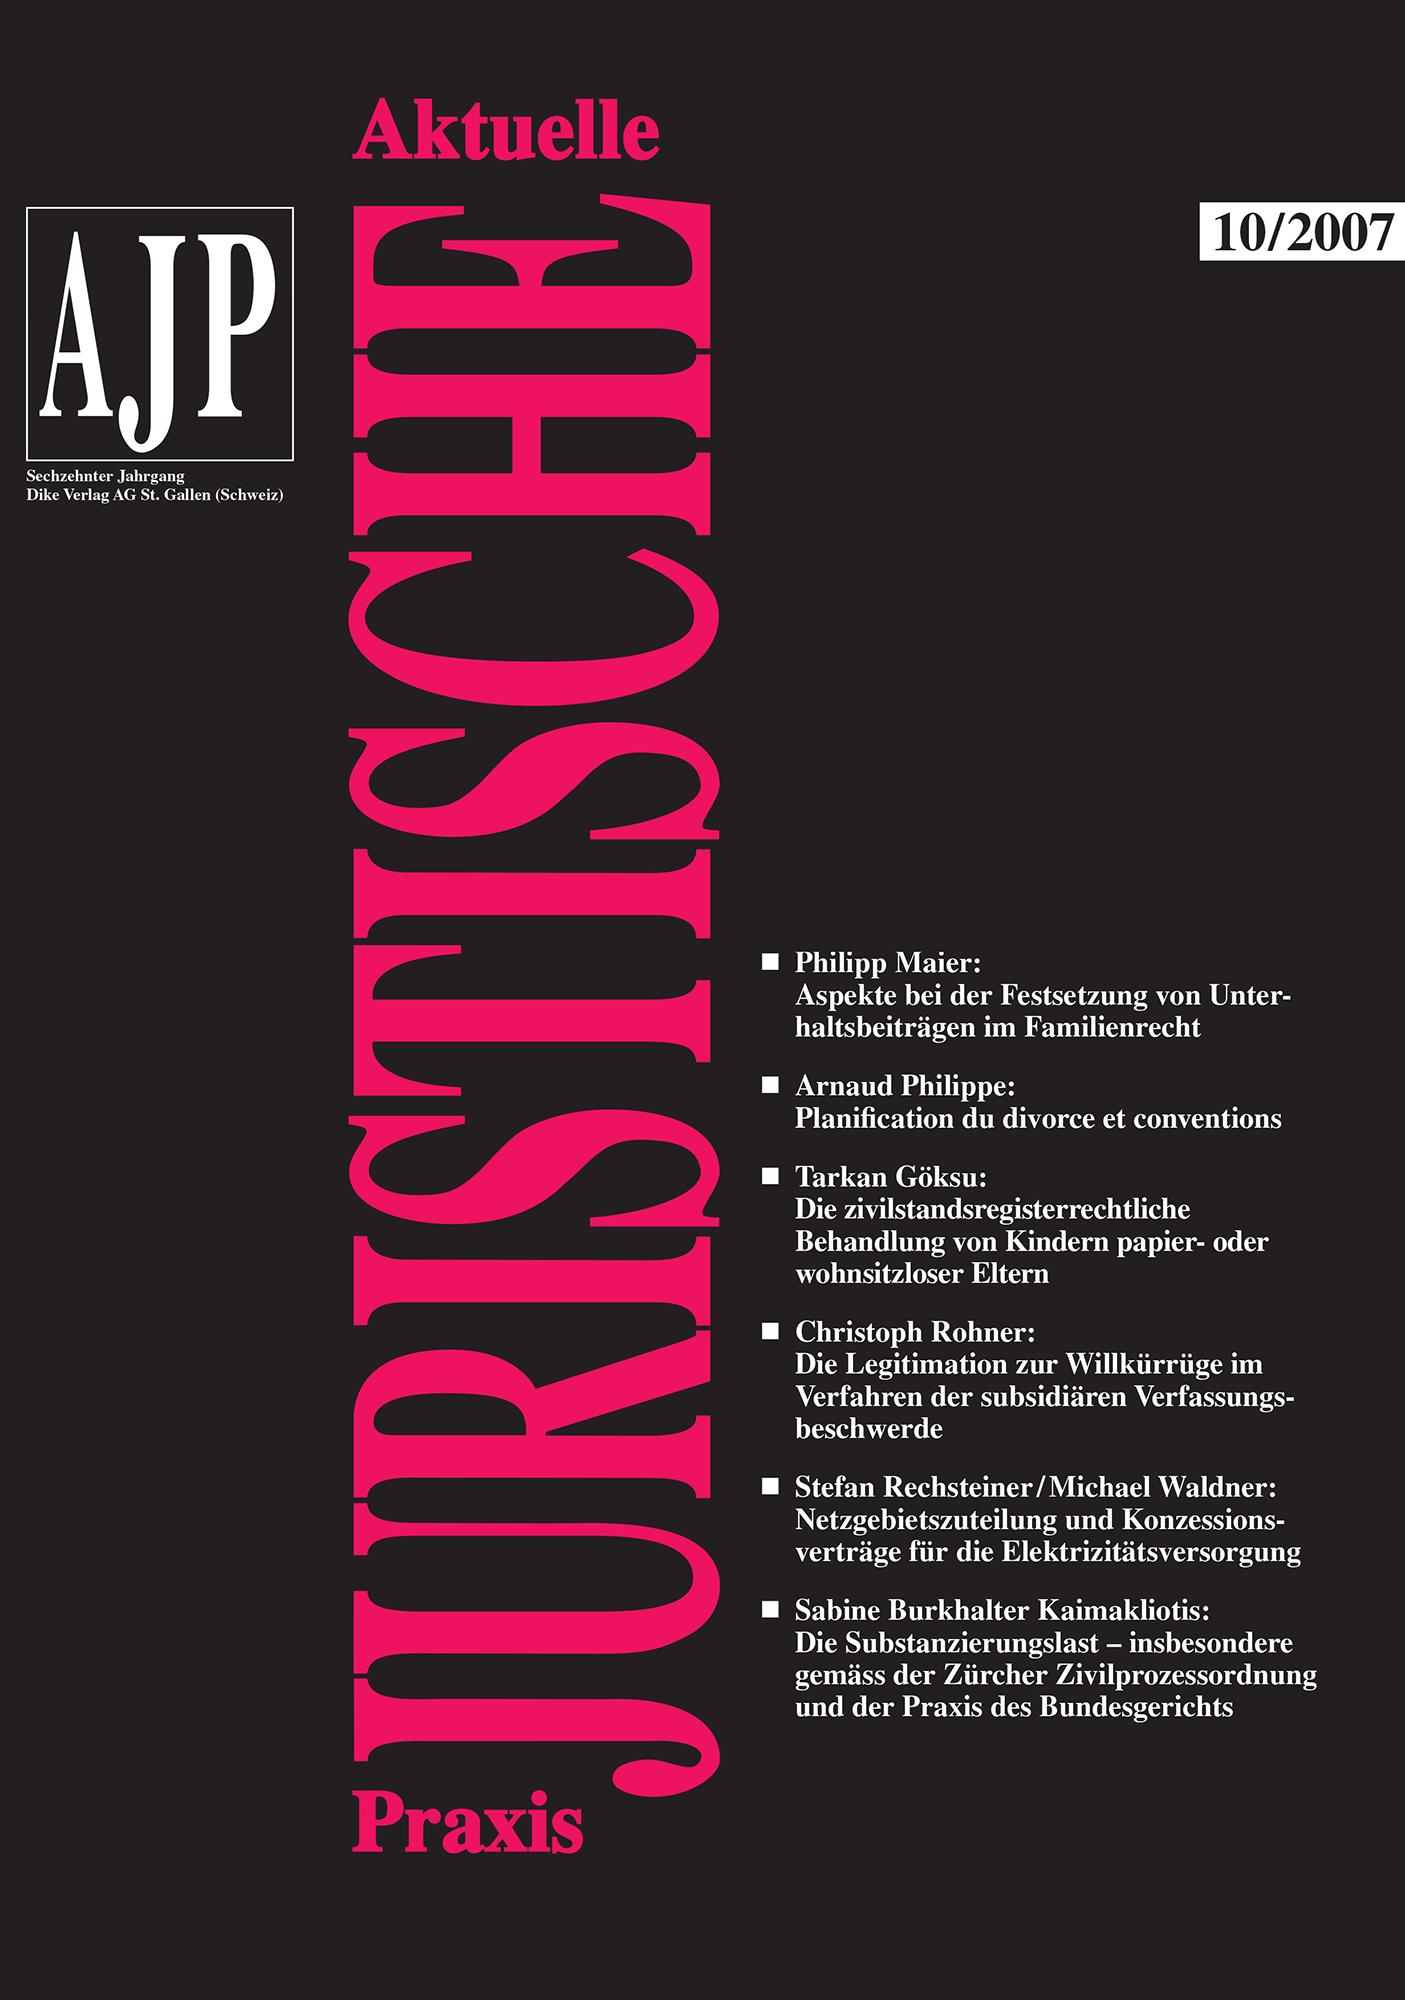 AJP/PJA 10/2007